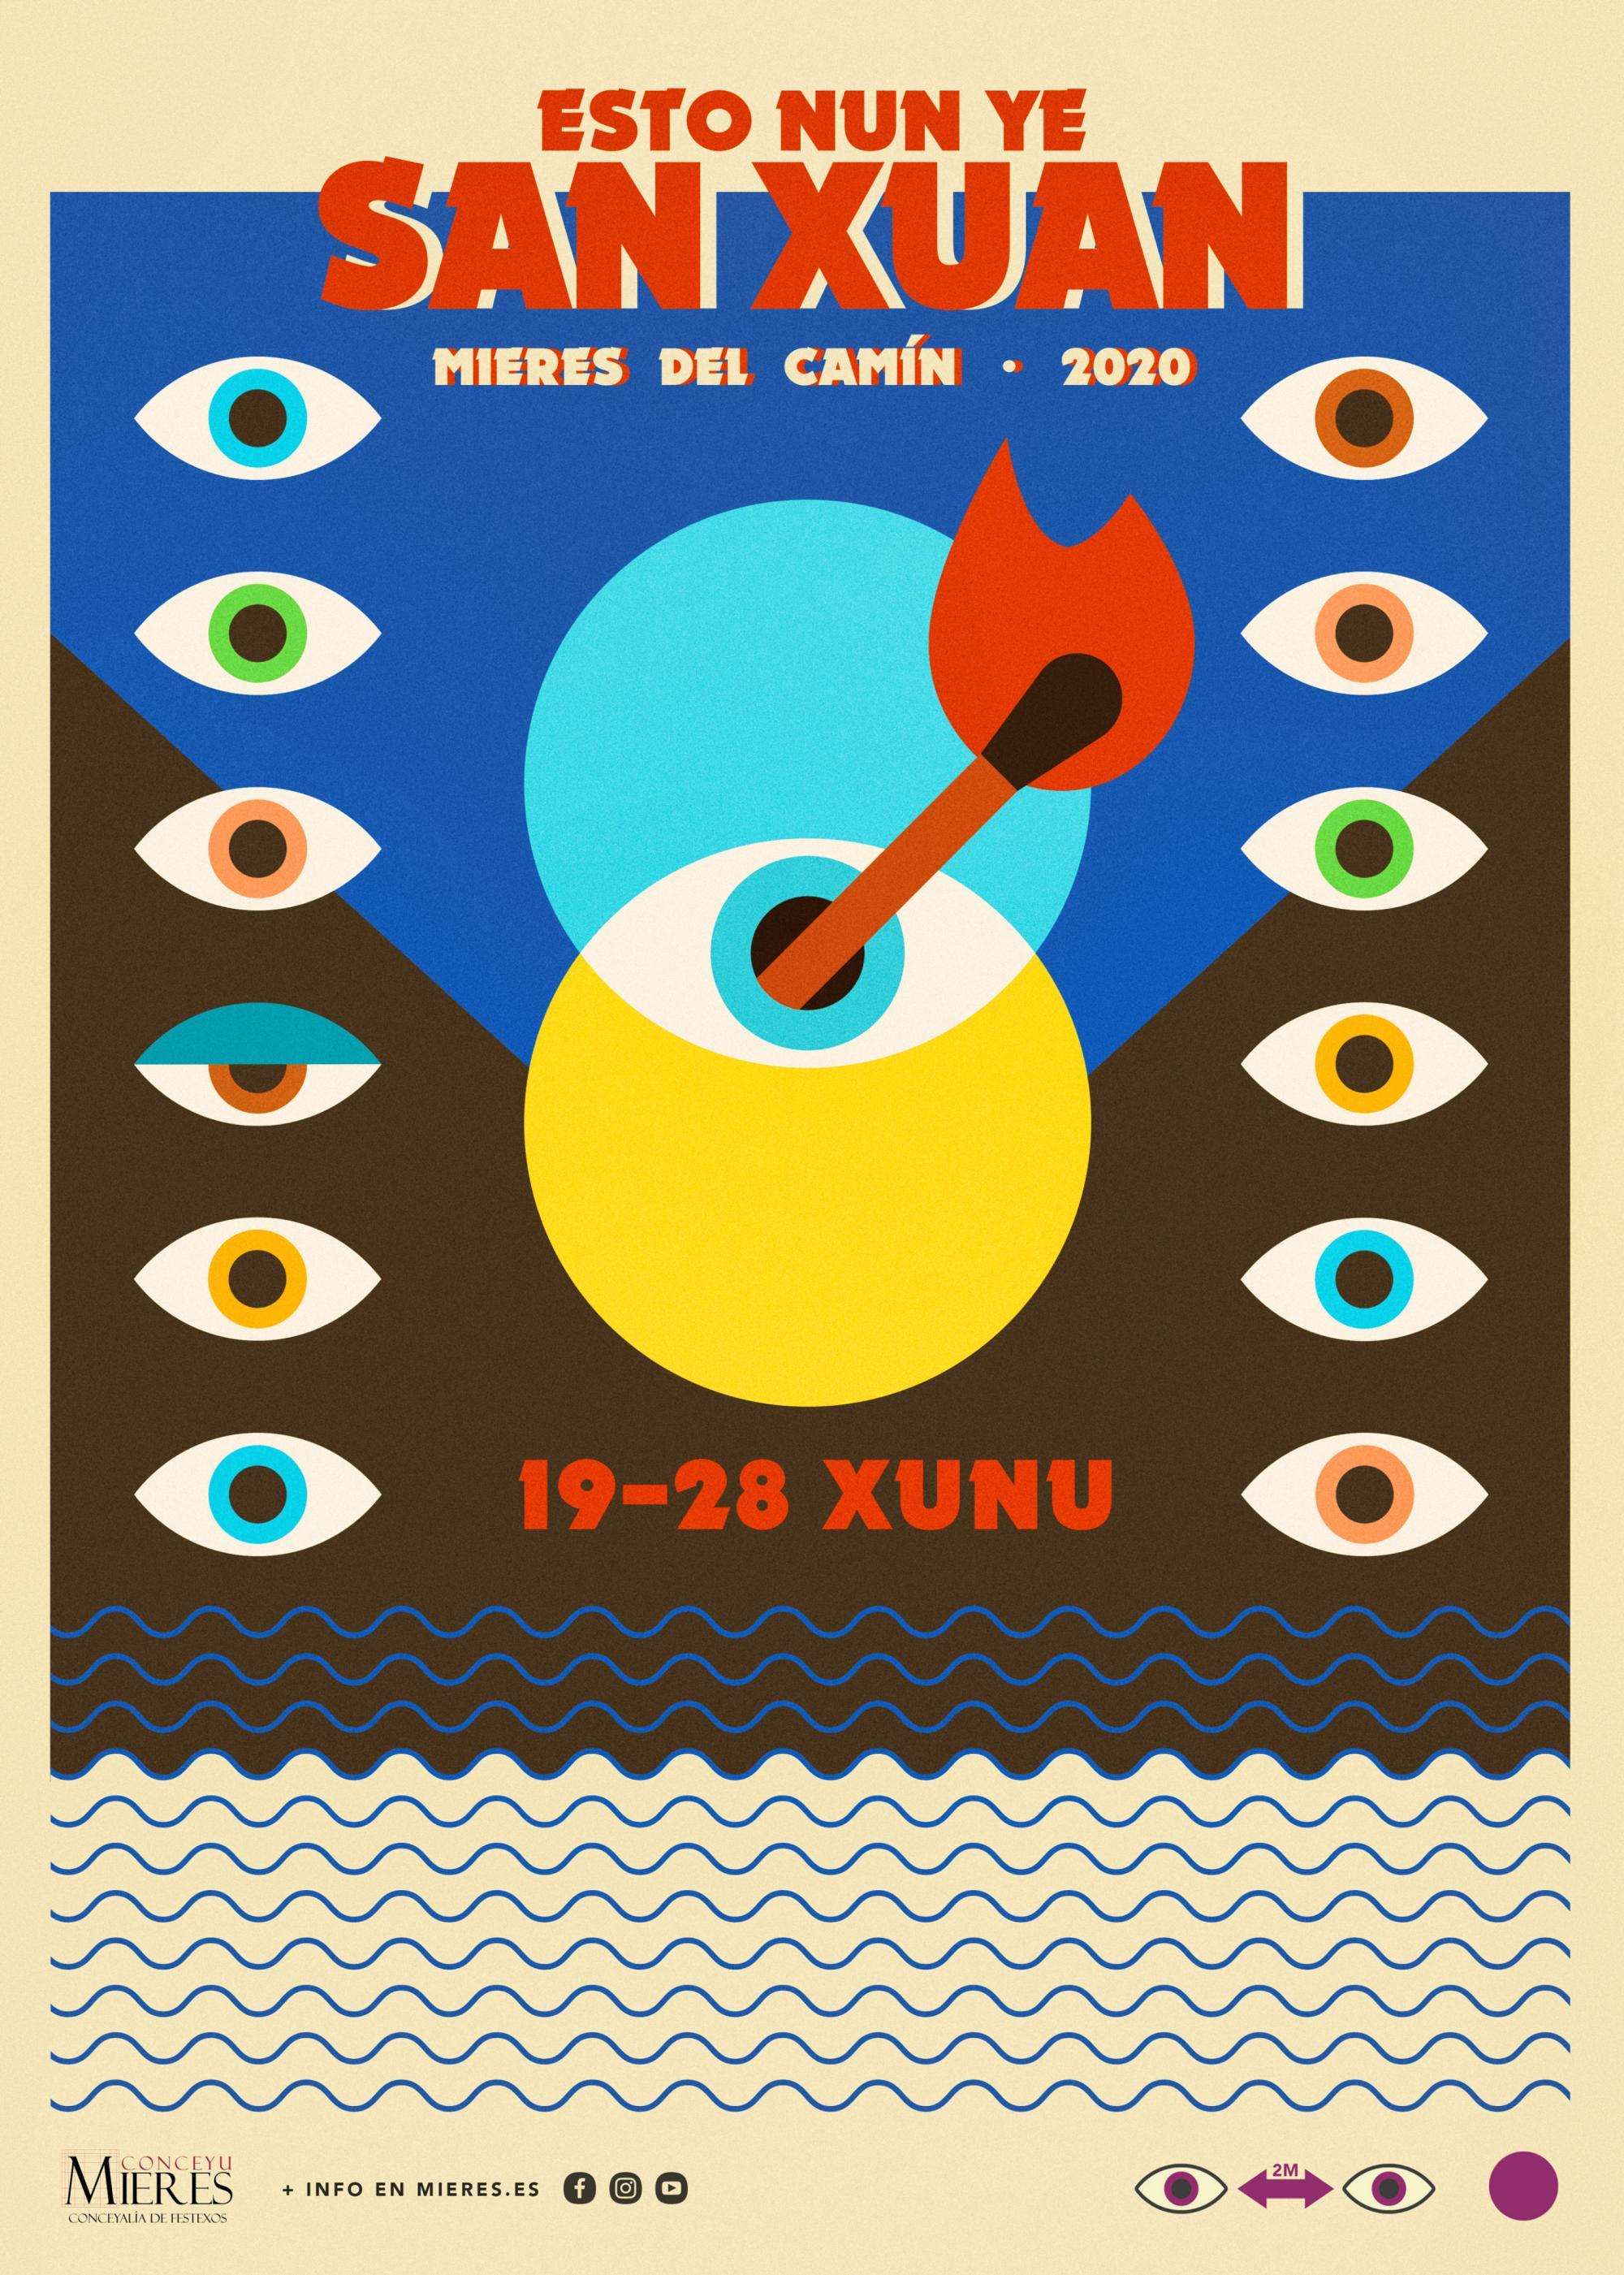 Cartel Esto Nun Ye San Xuan 2020